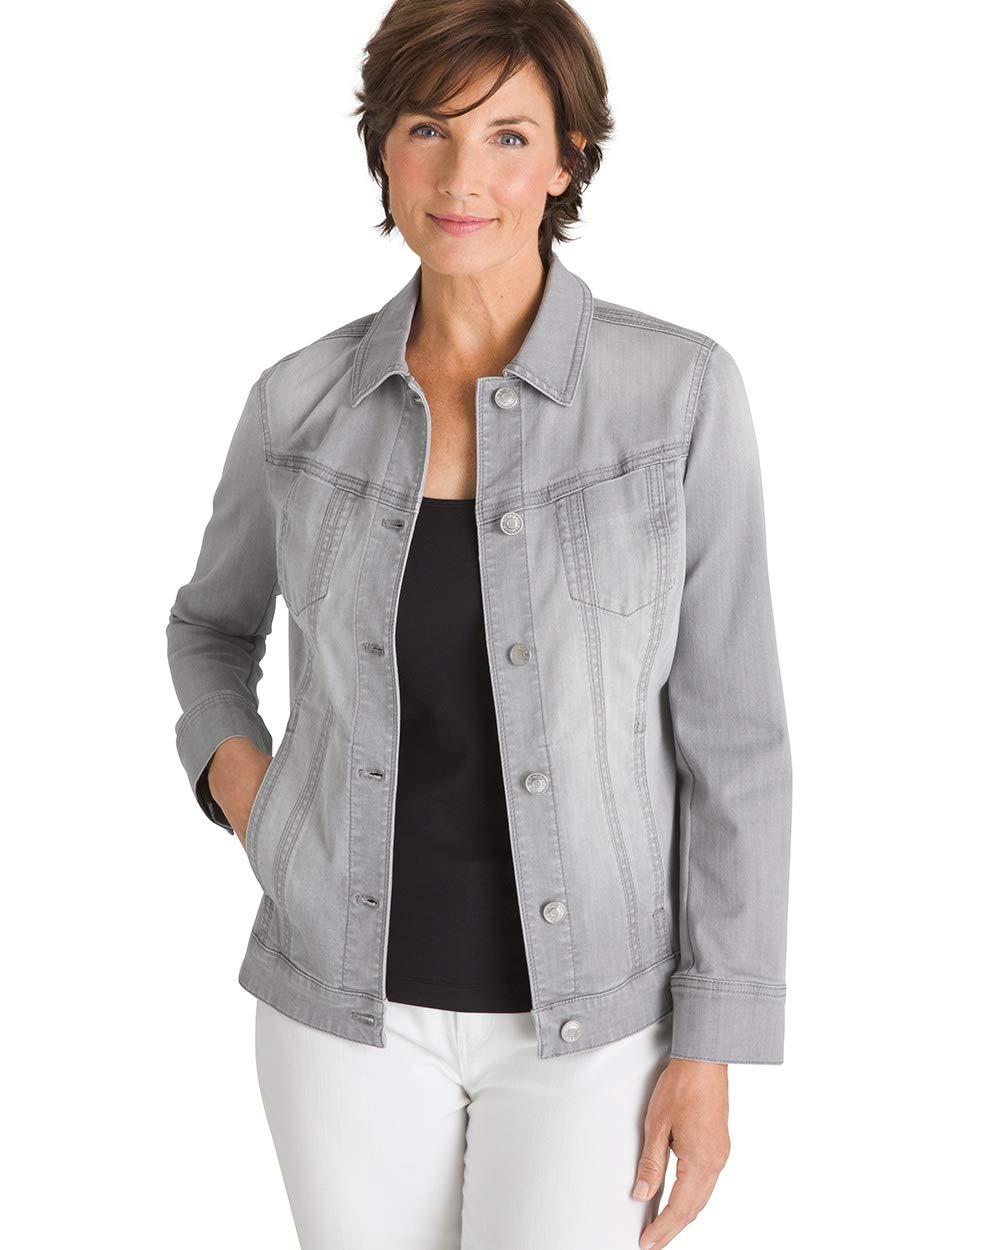 Chico's Women's Denim Jacket Size 16/18 XL (3) Grey by Chico's